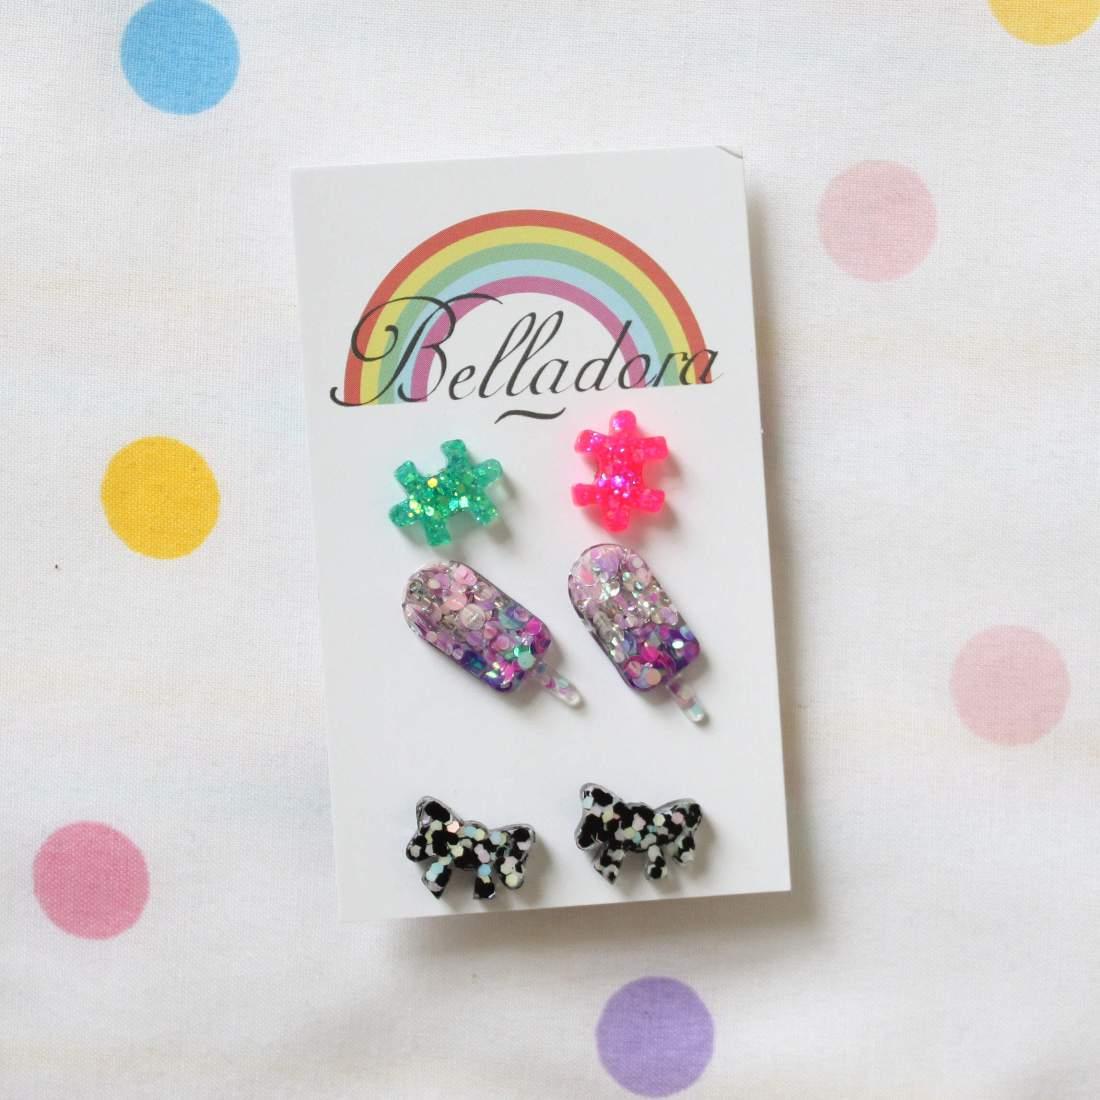 Earring set by Belladora